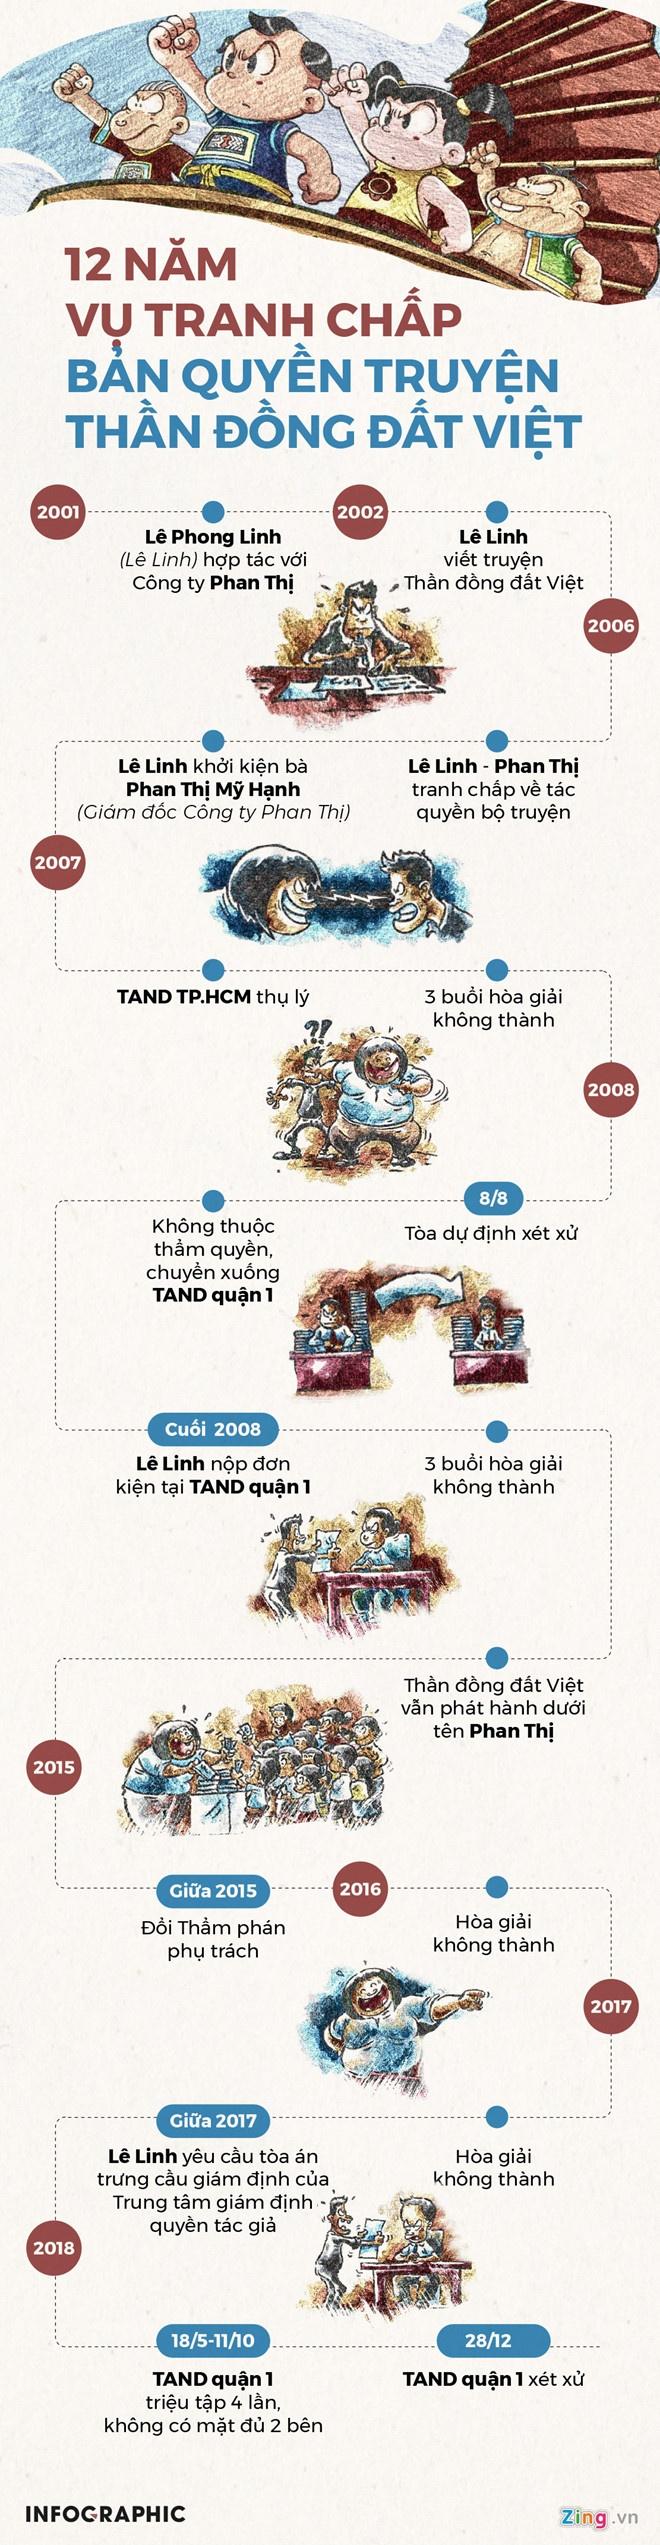 Hoa si Le Linh bat khoc tai phien toa Than dong dat Viet hinh anh 4